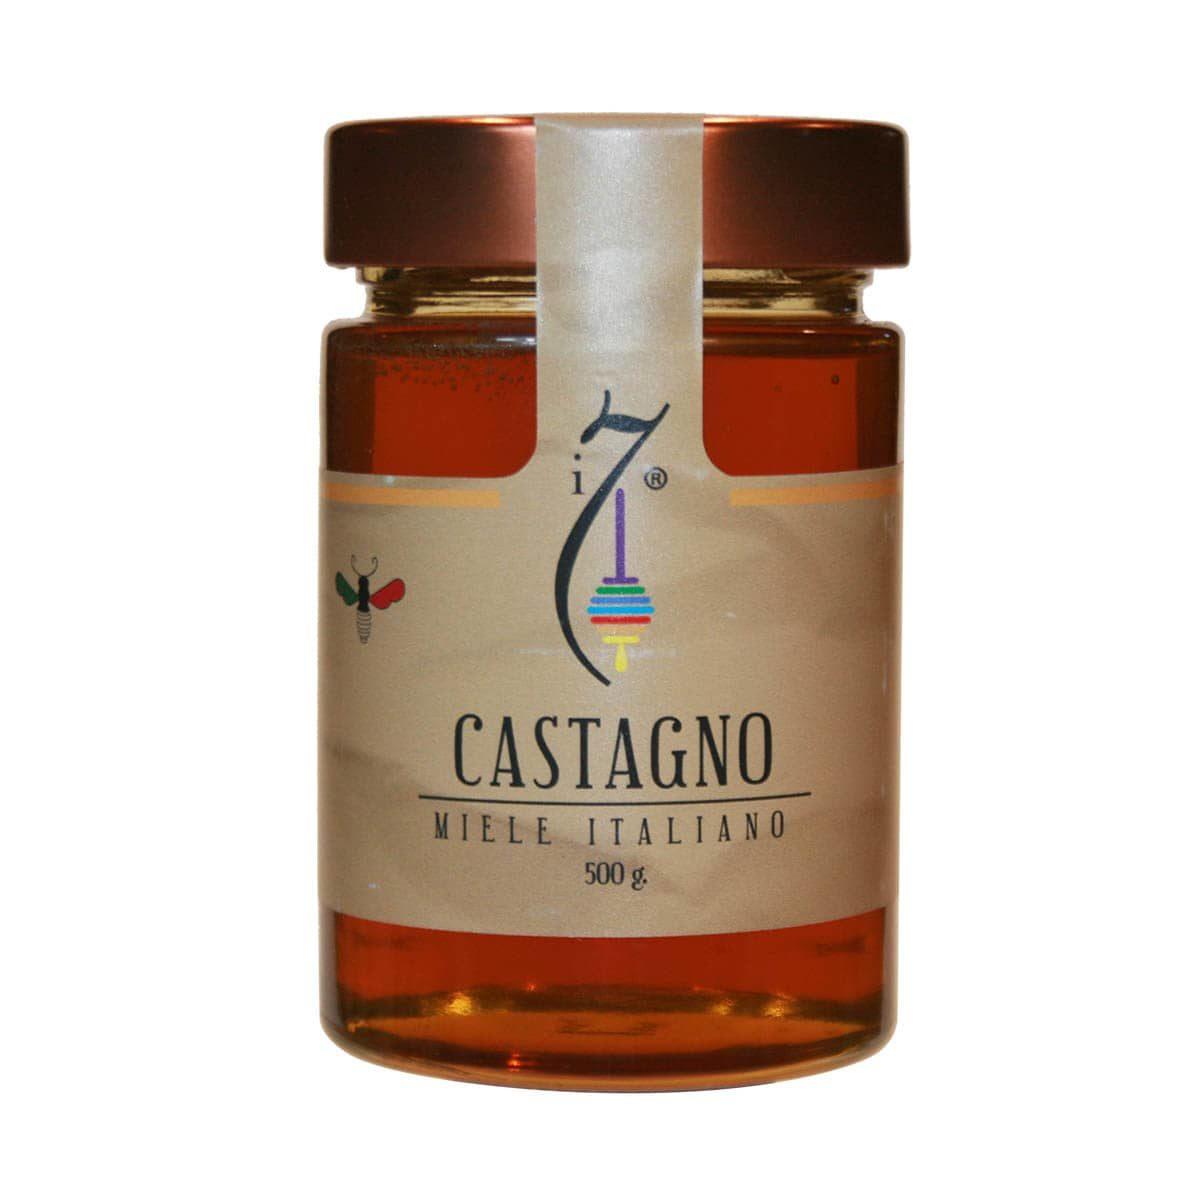 Miele di Castagno i 7 500 gr